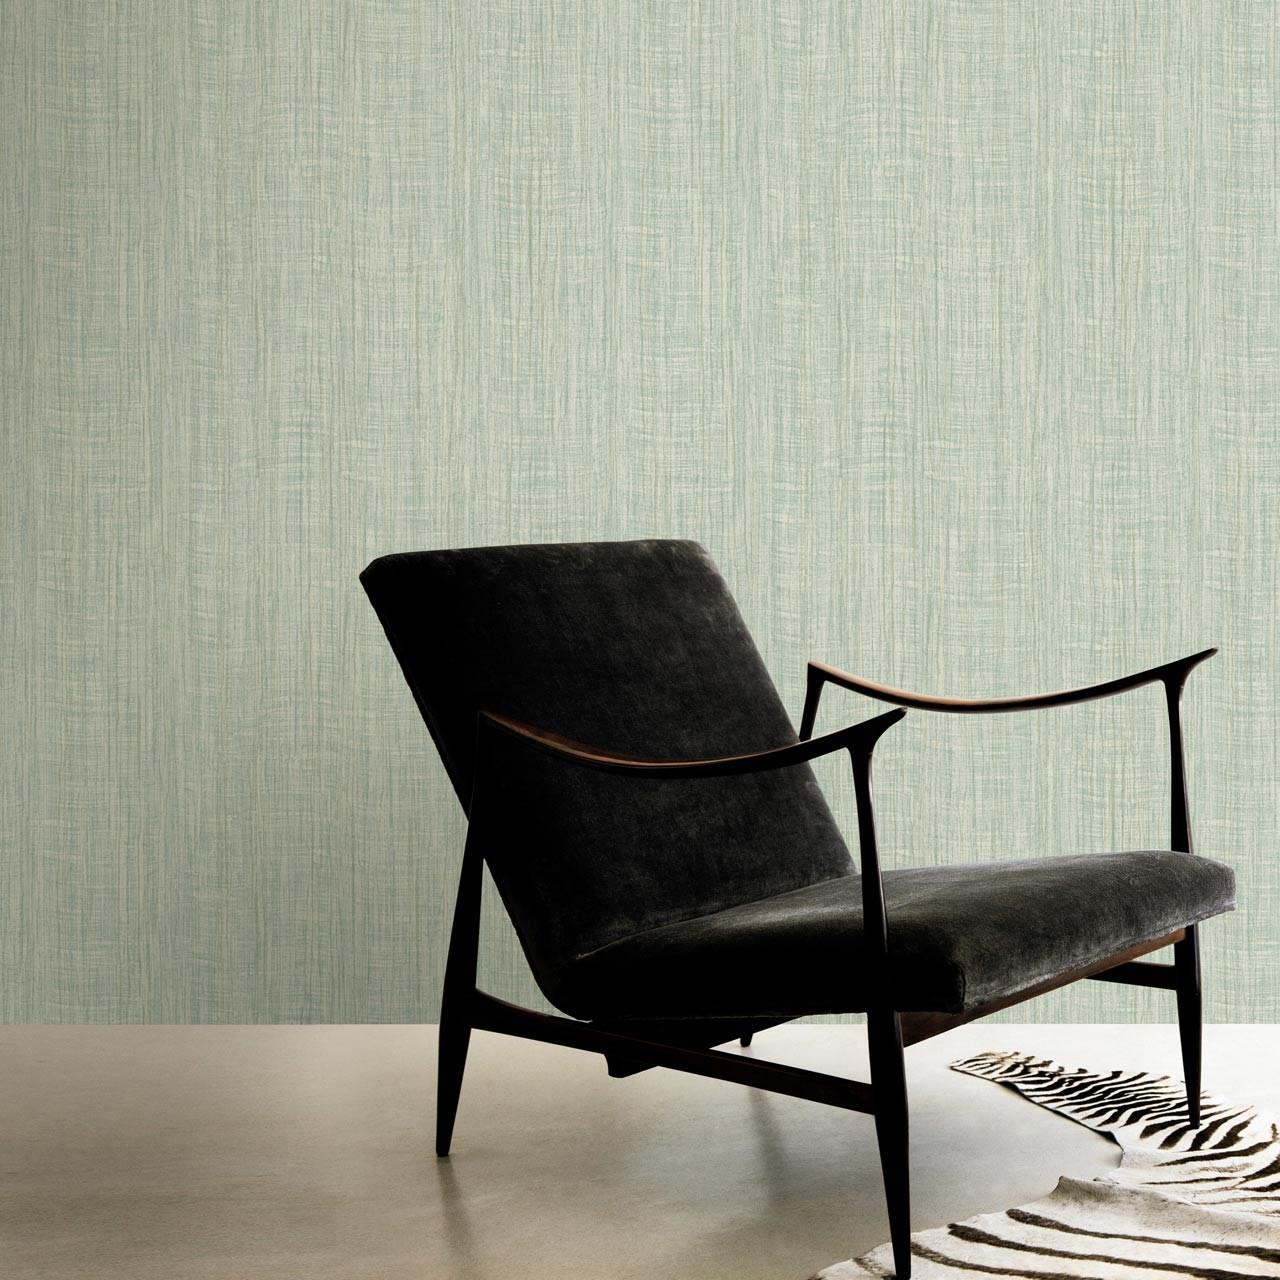 کاغذ دیواری والکویست آلبوم بالمورال مدل BM61502